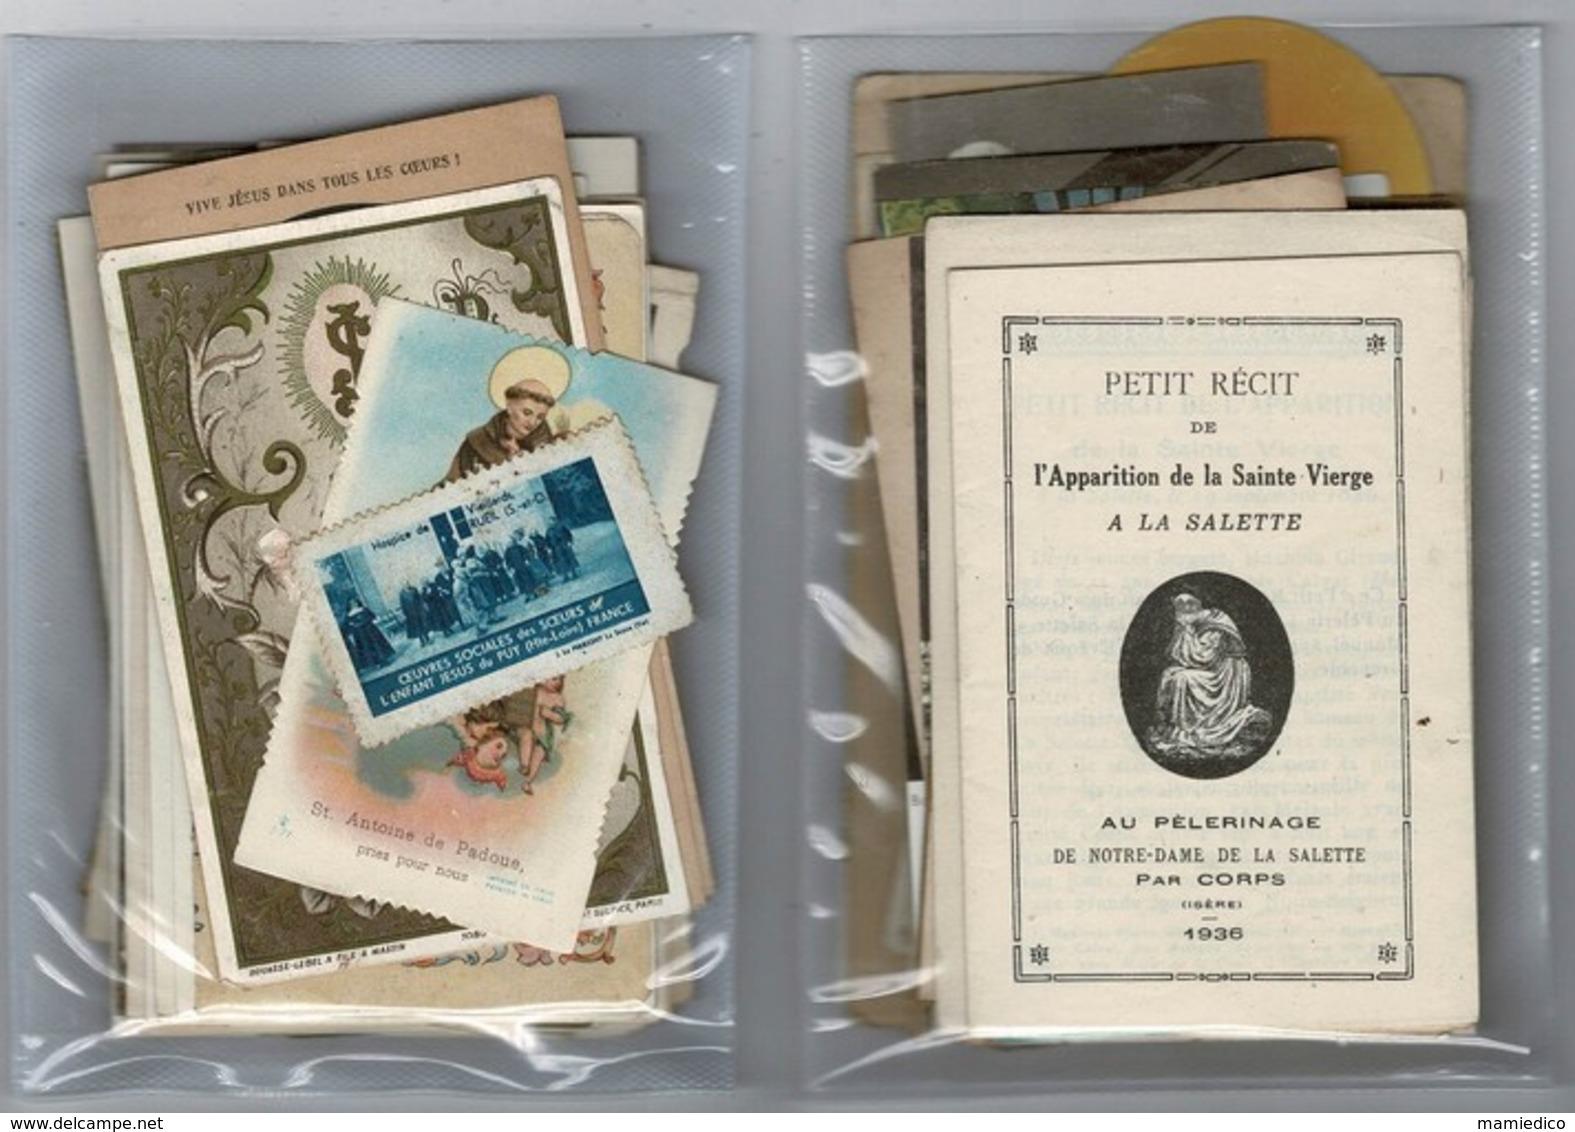 500 Images Et Documents Religieux Anciens. Tous états. - Cartes Postales